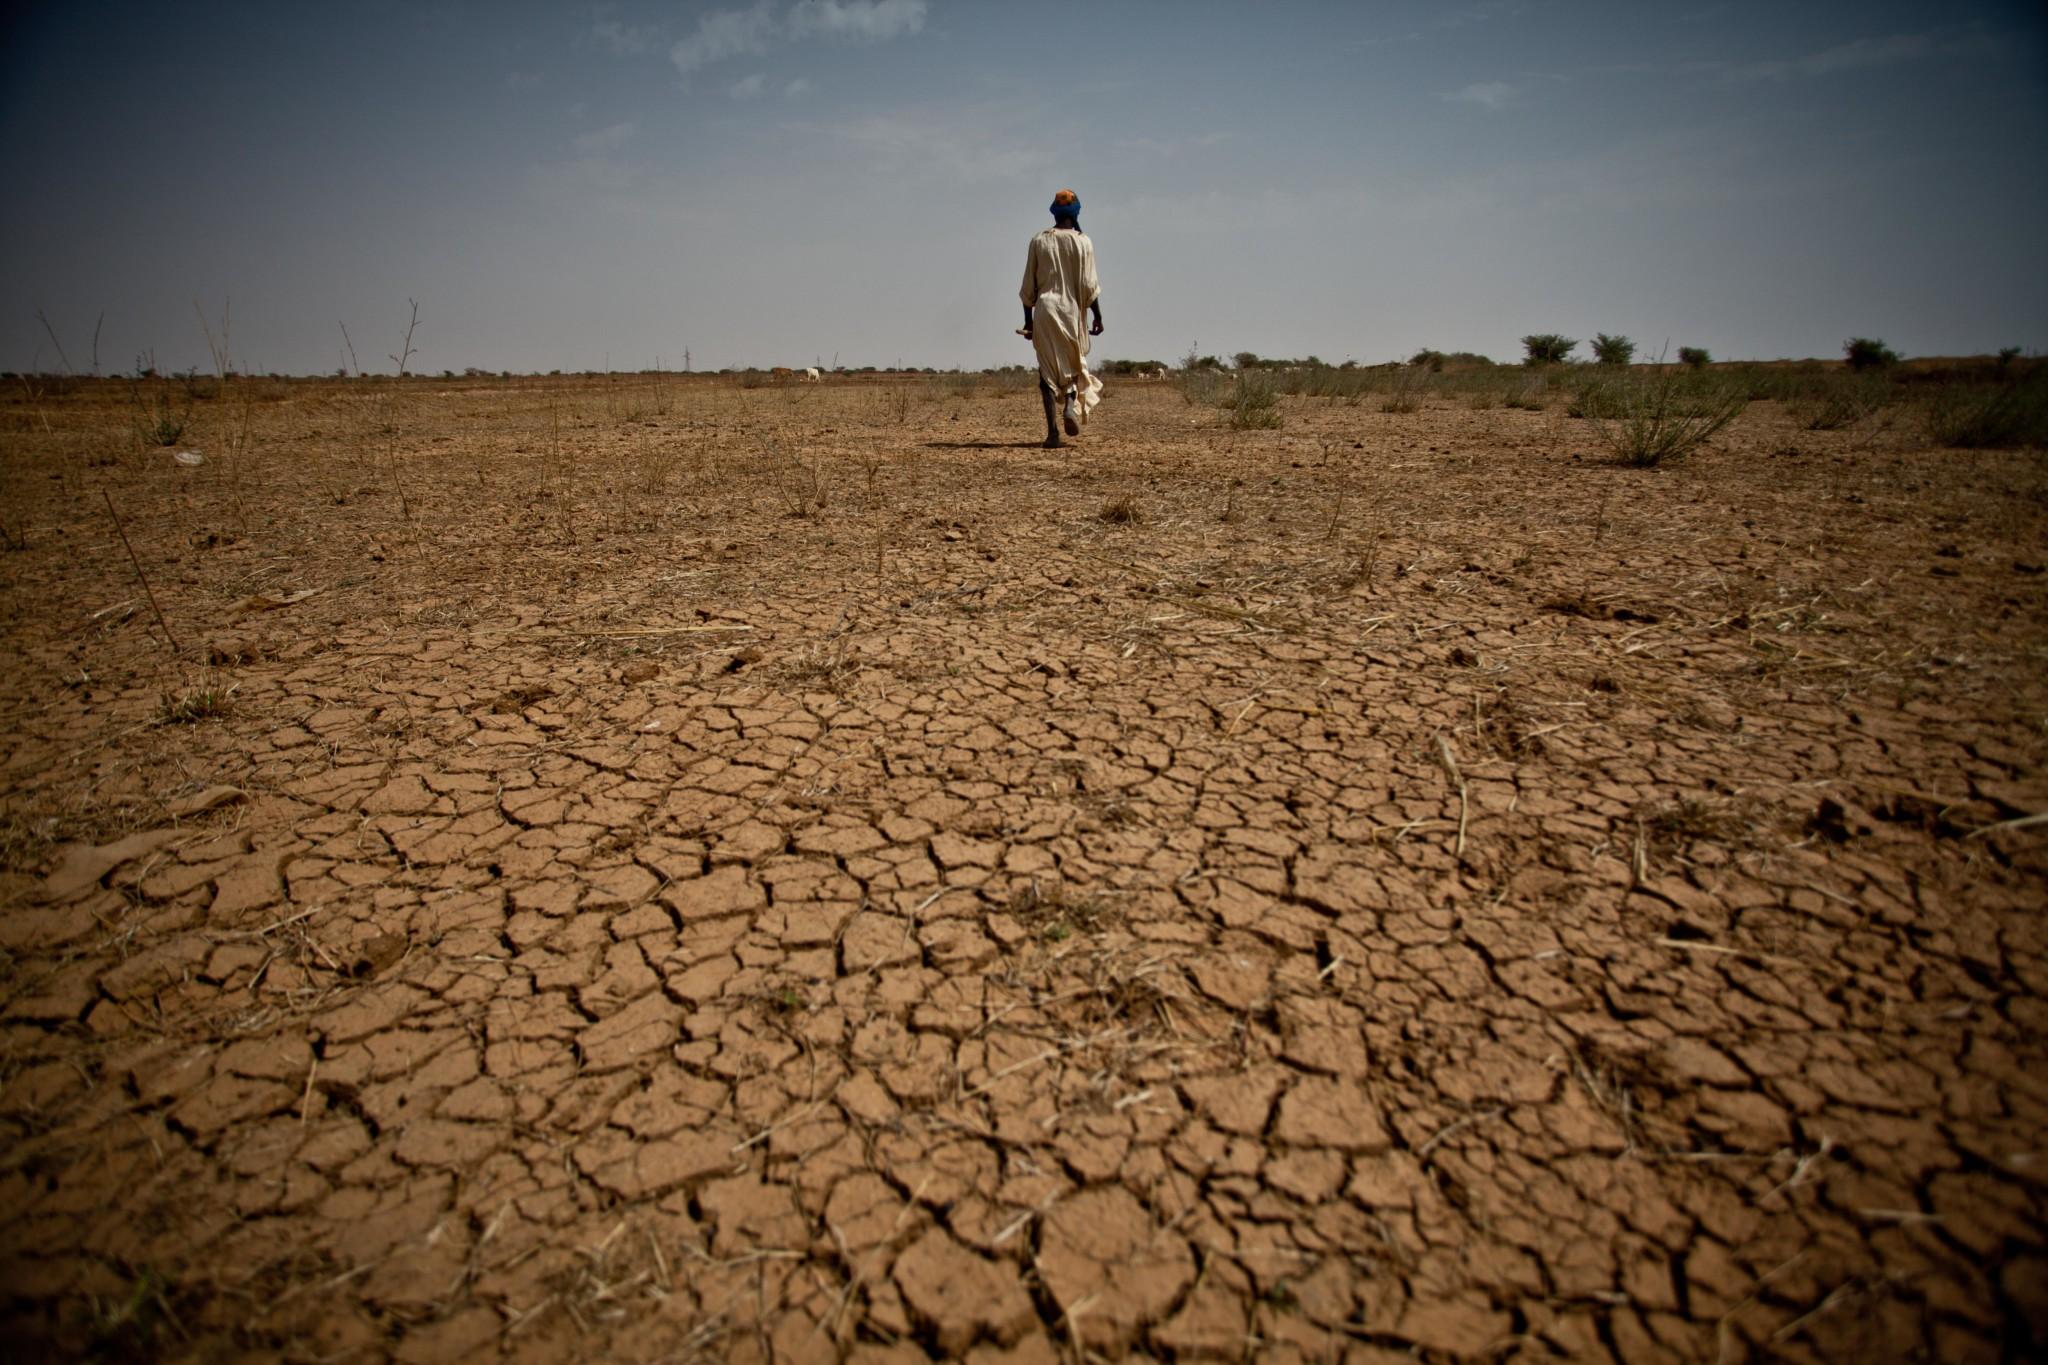 climat_changement_climatique_afrique